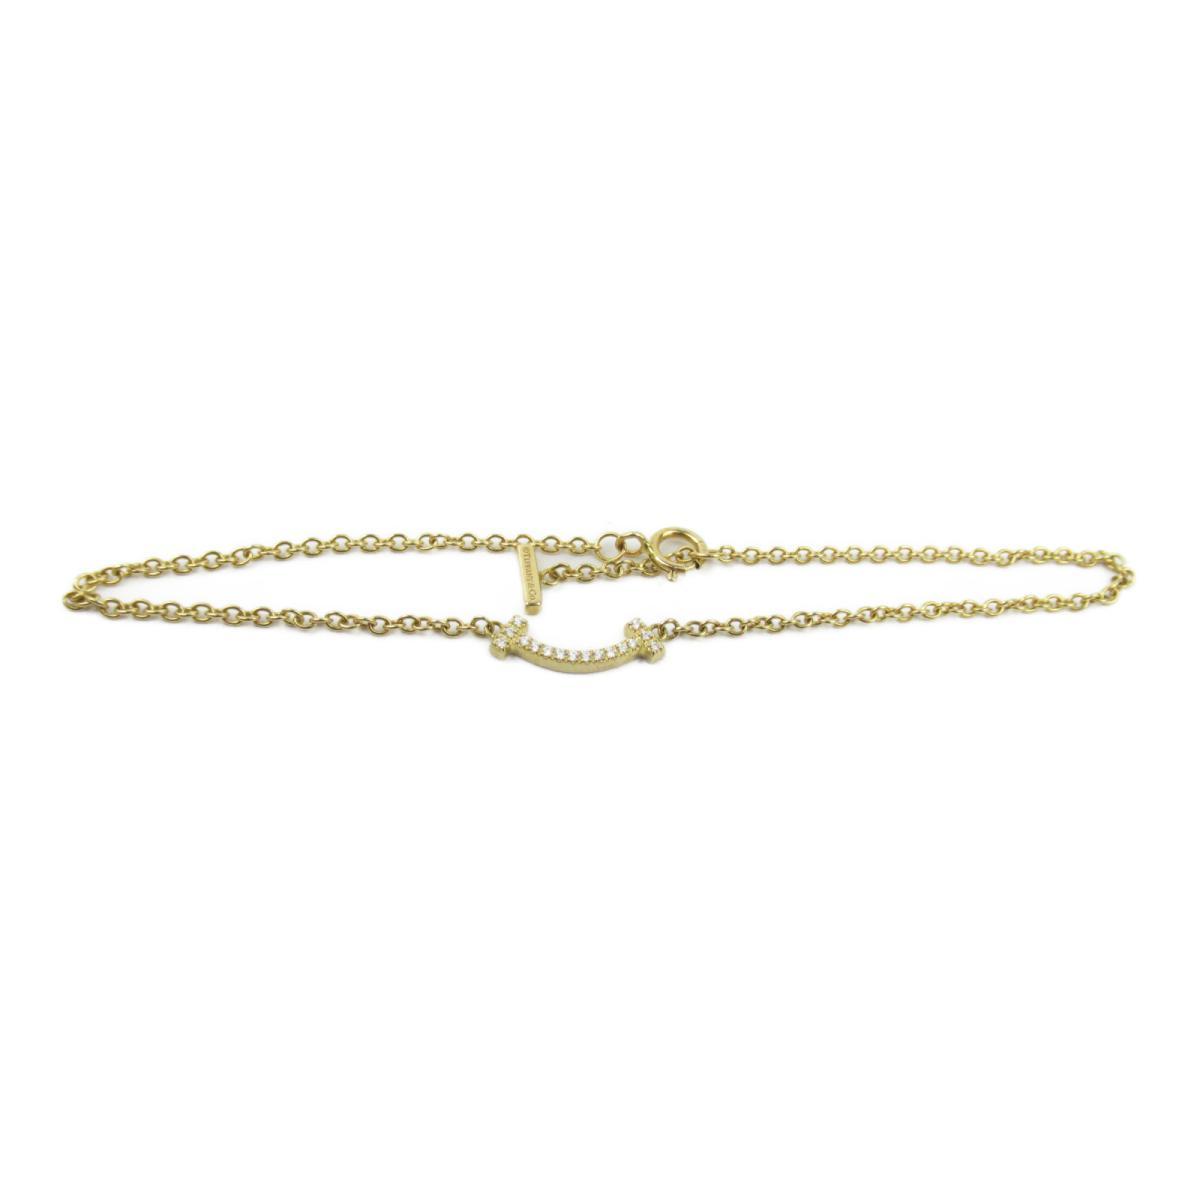 ティファニー Tスマイルマイクロダイヤブレス ブランドジュエリー レディース K18YG (750) イエローゴールド x ダイヤモンド 【中古】 | ブランド